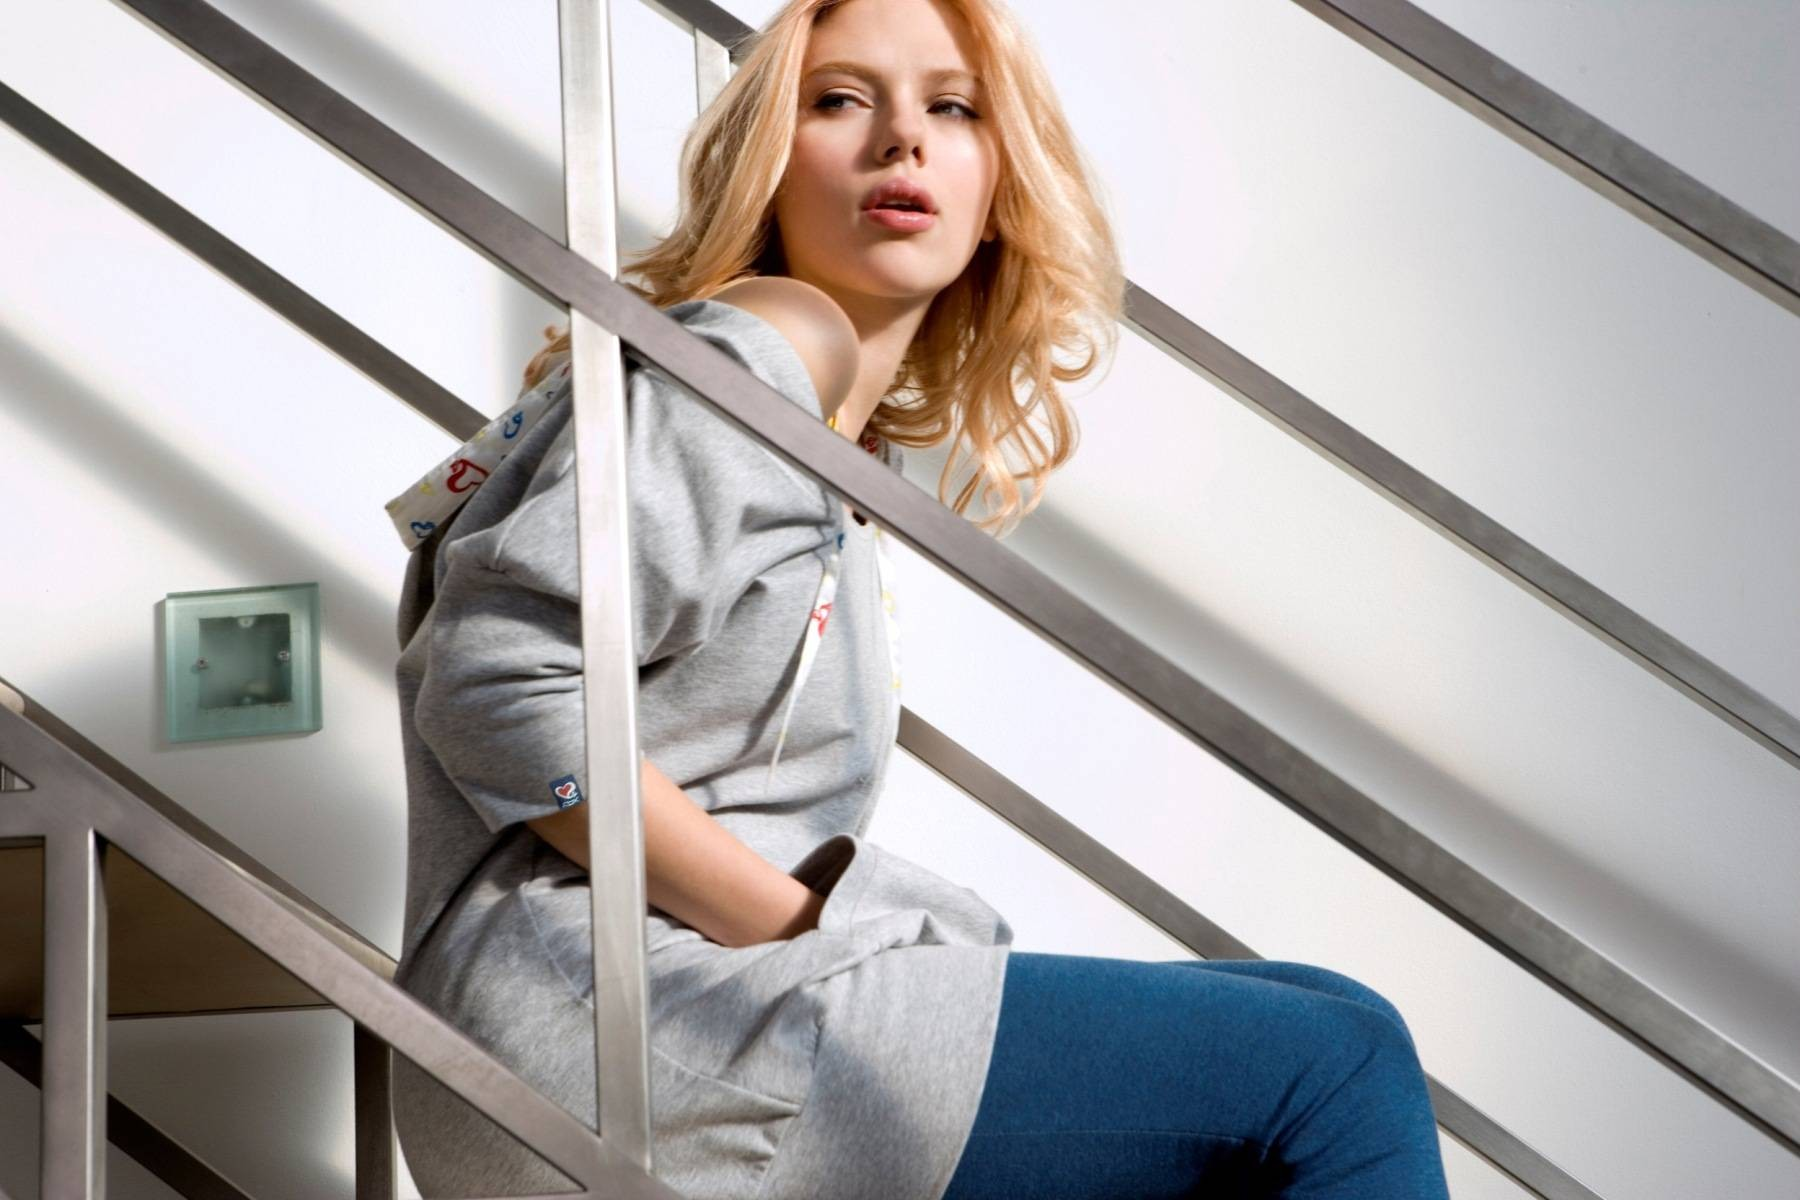 women_american_scarlett_johansson_actress_models_fashion_stairways_desktop_1800x1200_hd-wallpaper-920248.jpg